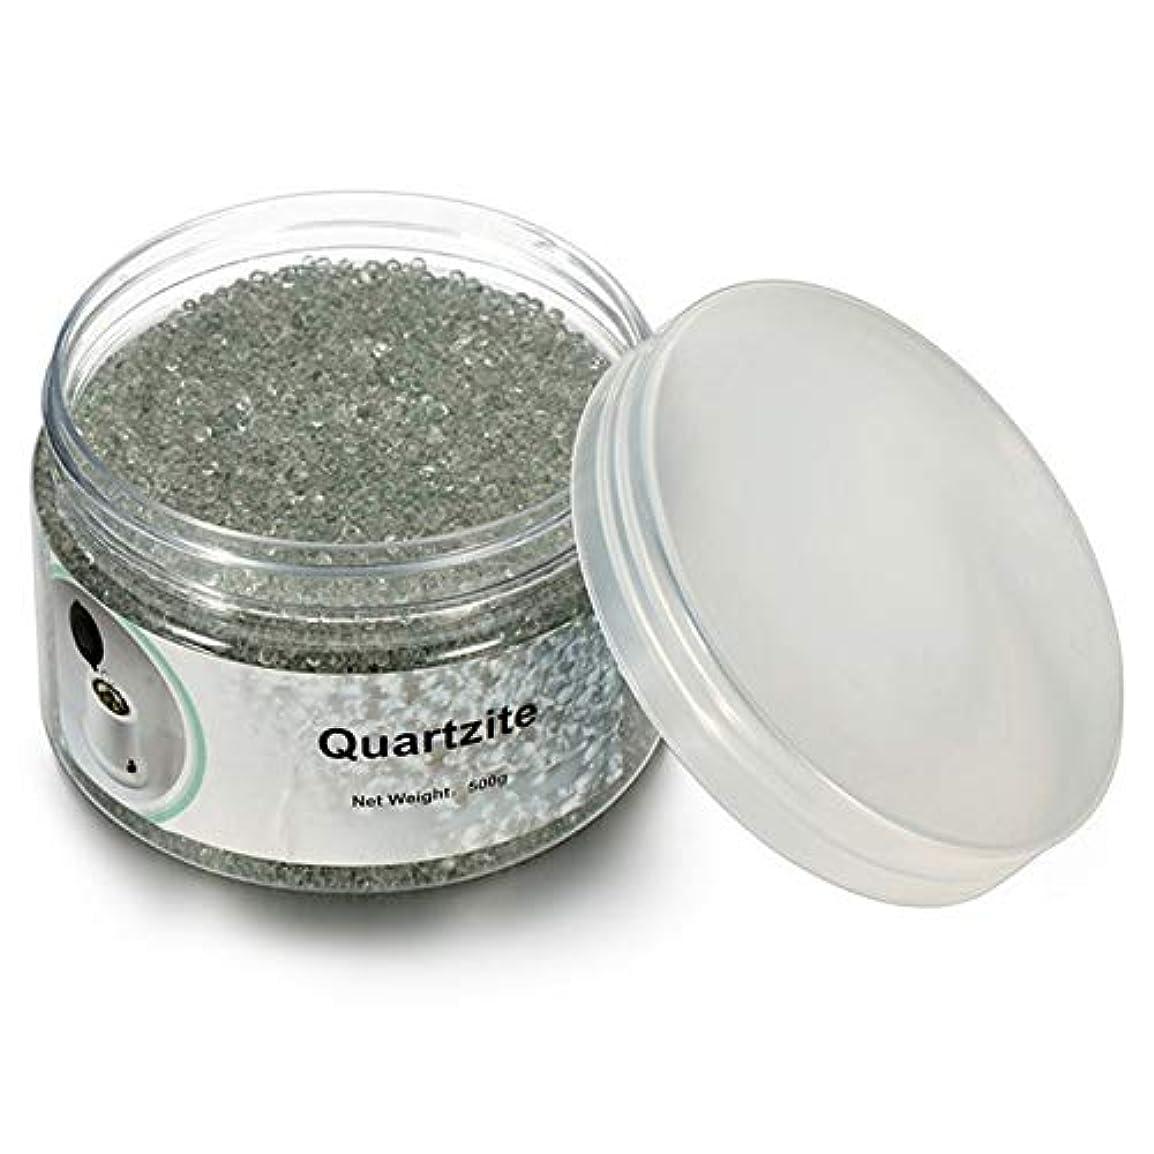 高い対処ペルソナACAMPTAR 500G石英砂消毒ビーズ、理髪と美容ネイルツールの消毒用